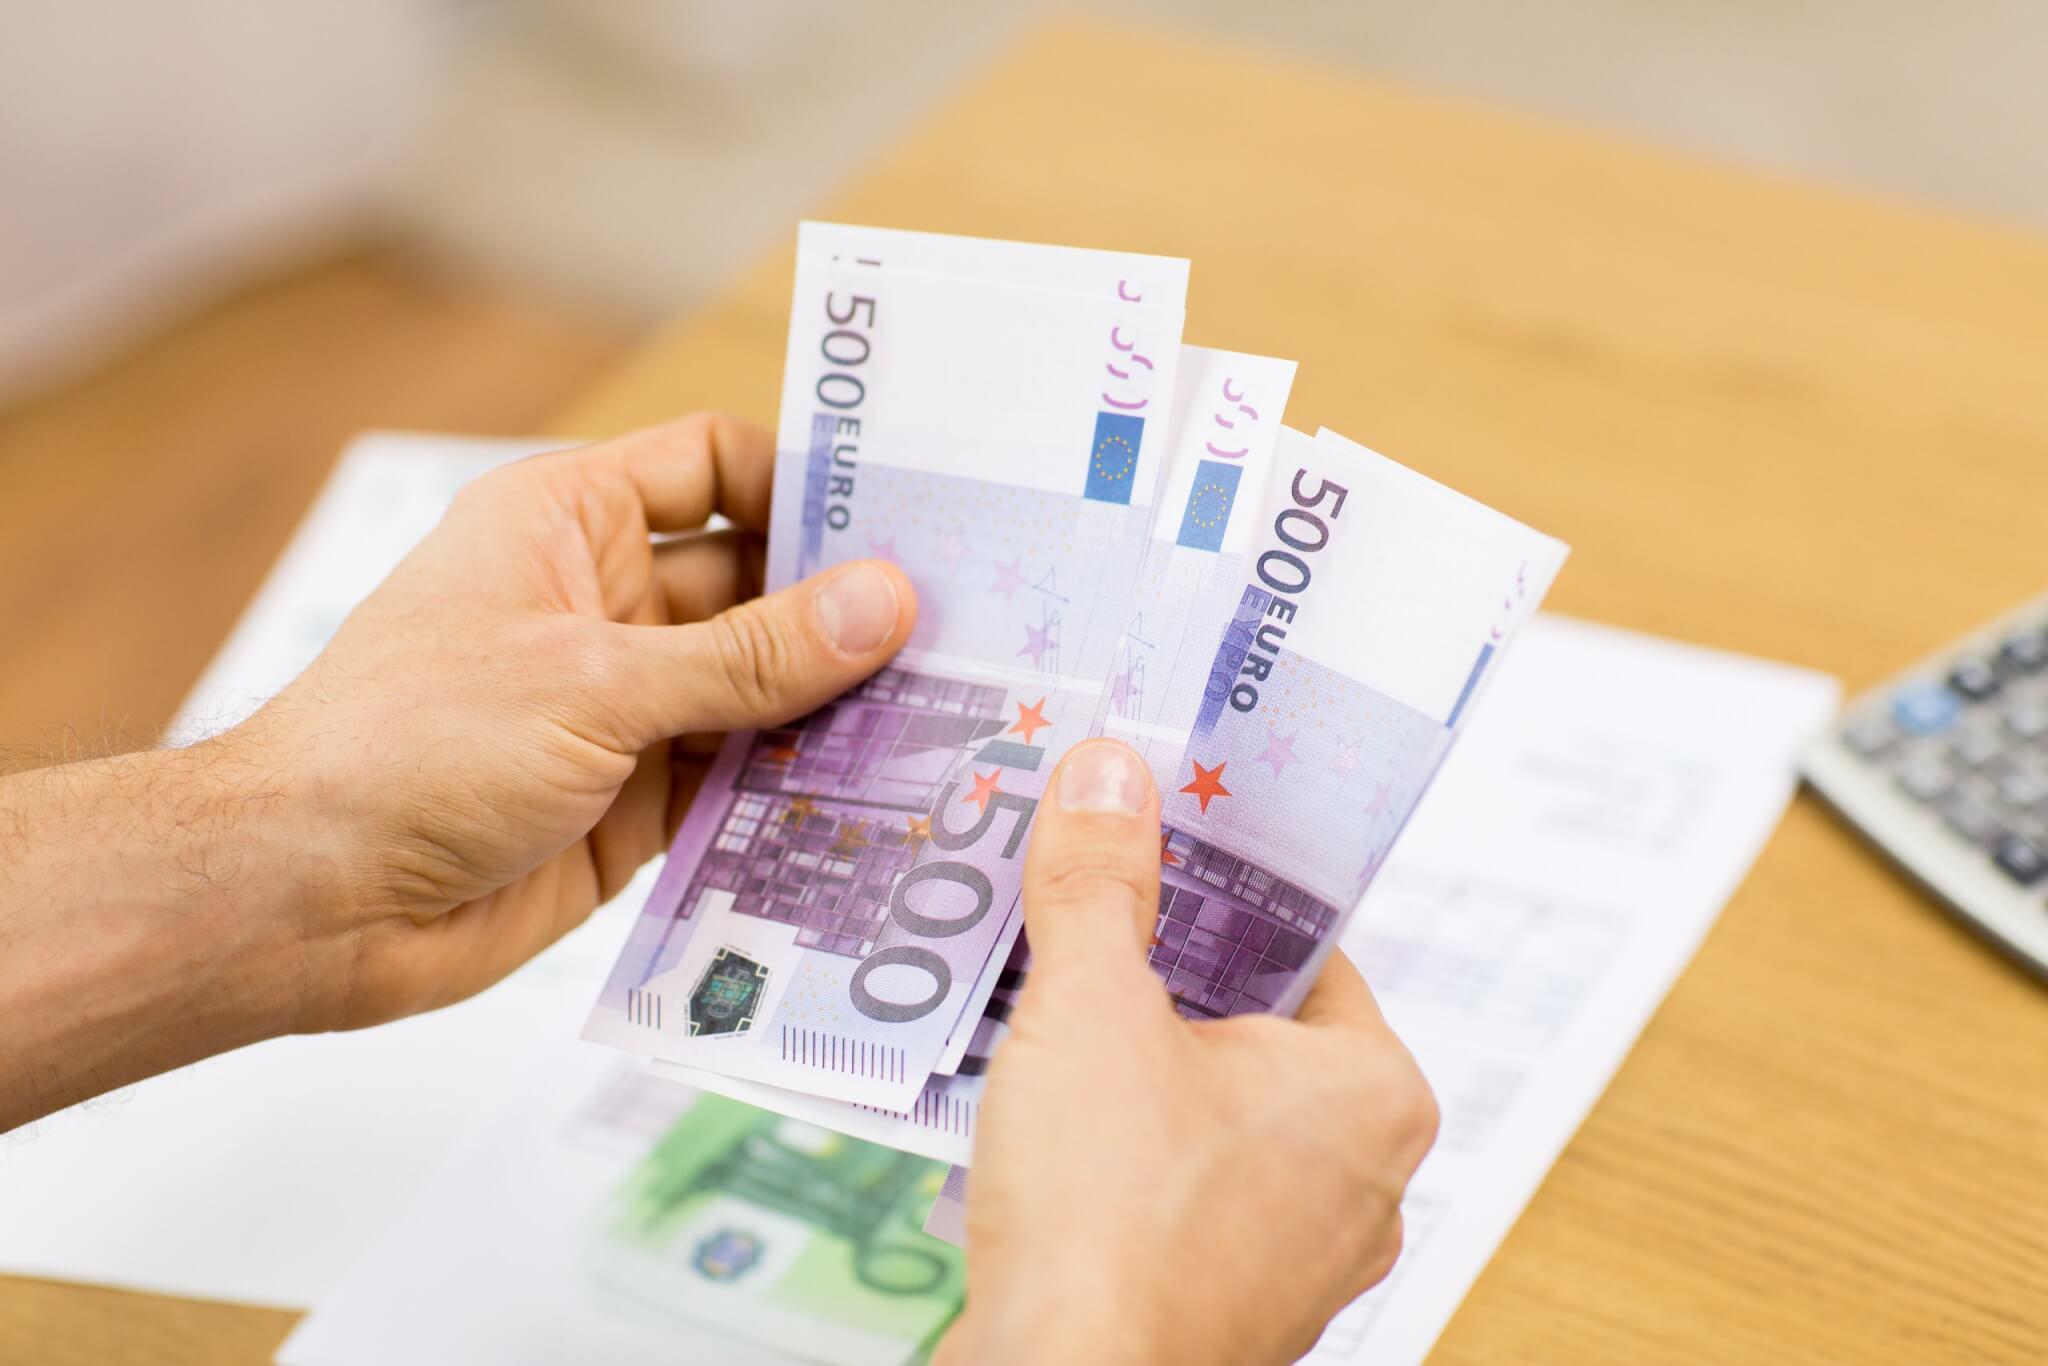 איך להשקיע כסף ולהרוויח?